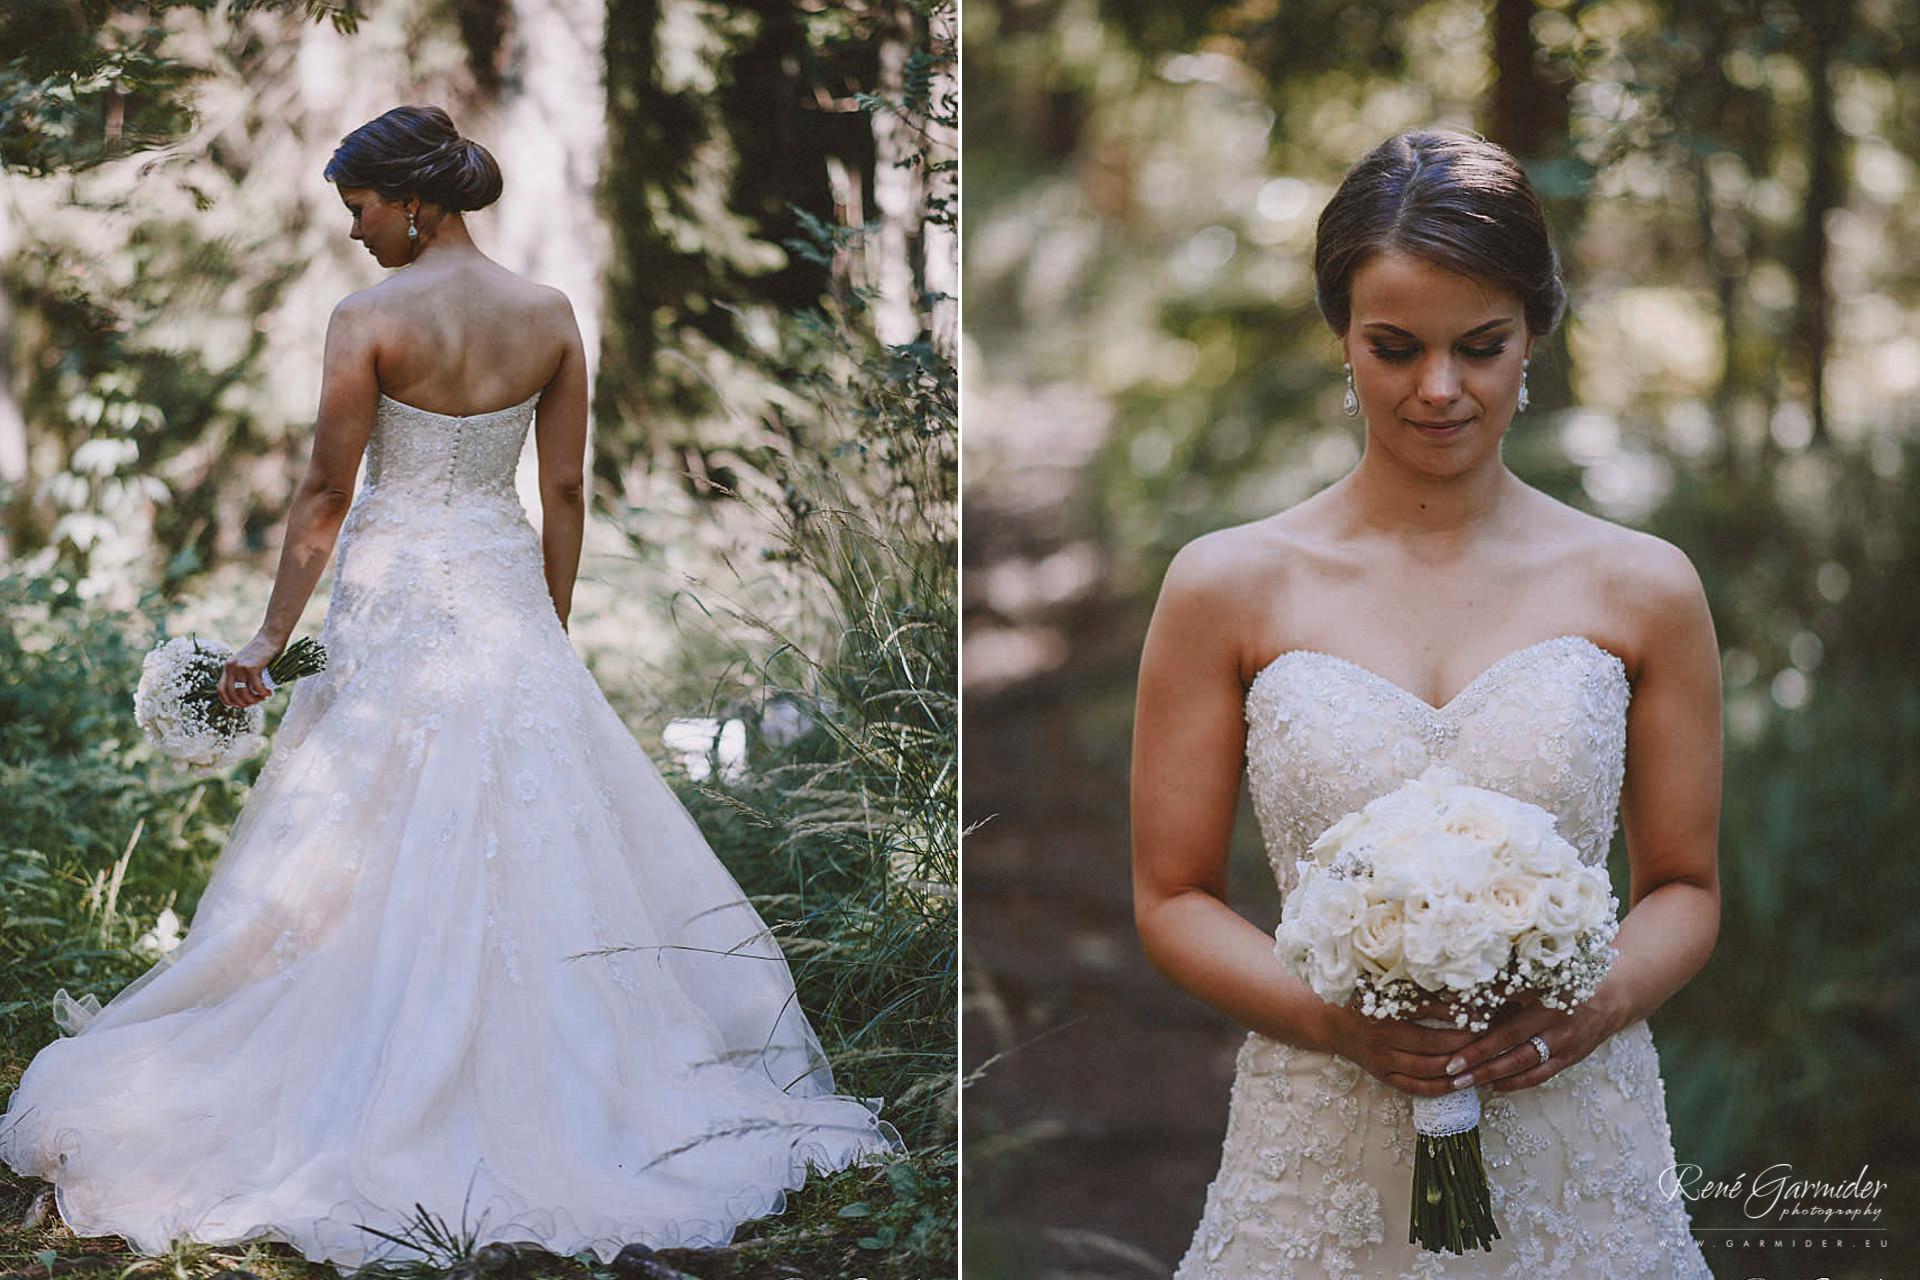 destination-wedding-photography-finland-miljookuvaus-haakuvaus-haakuvaaja-leena-juri-44